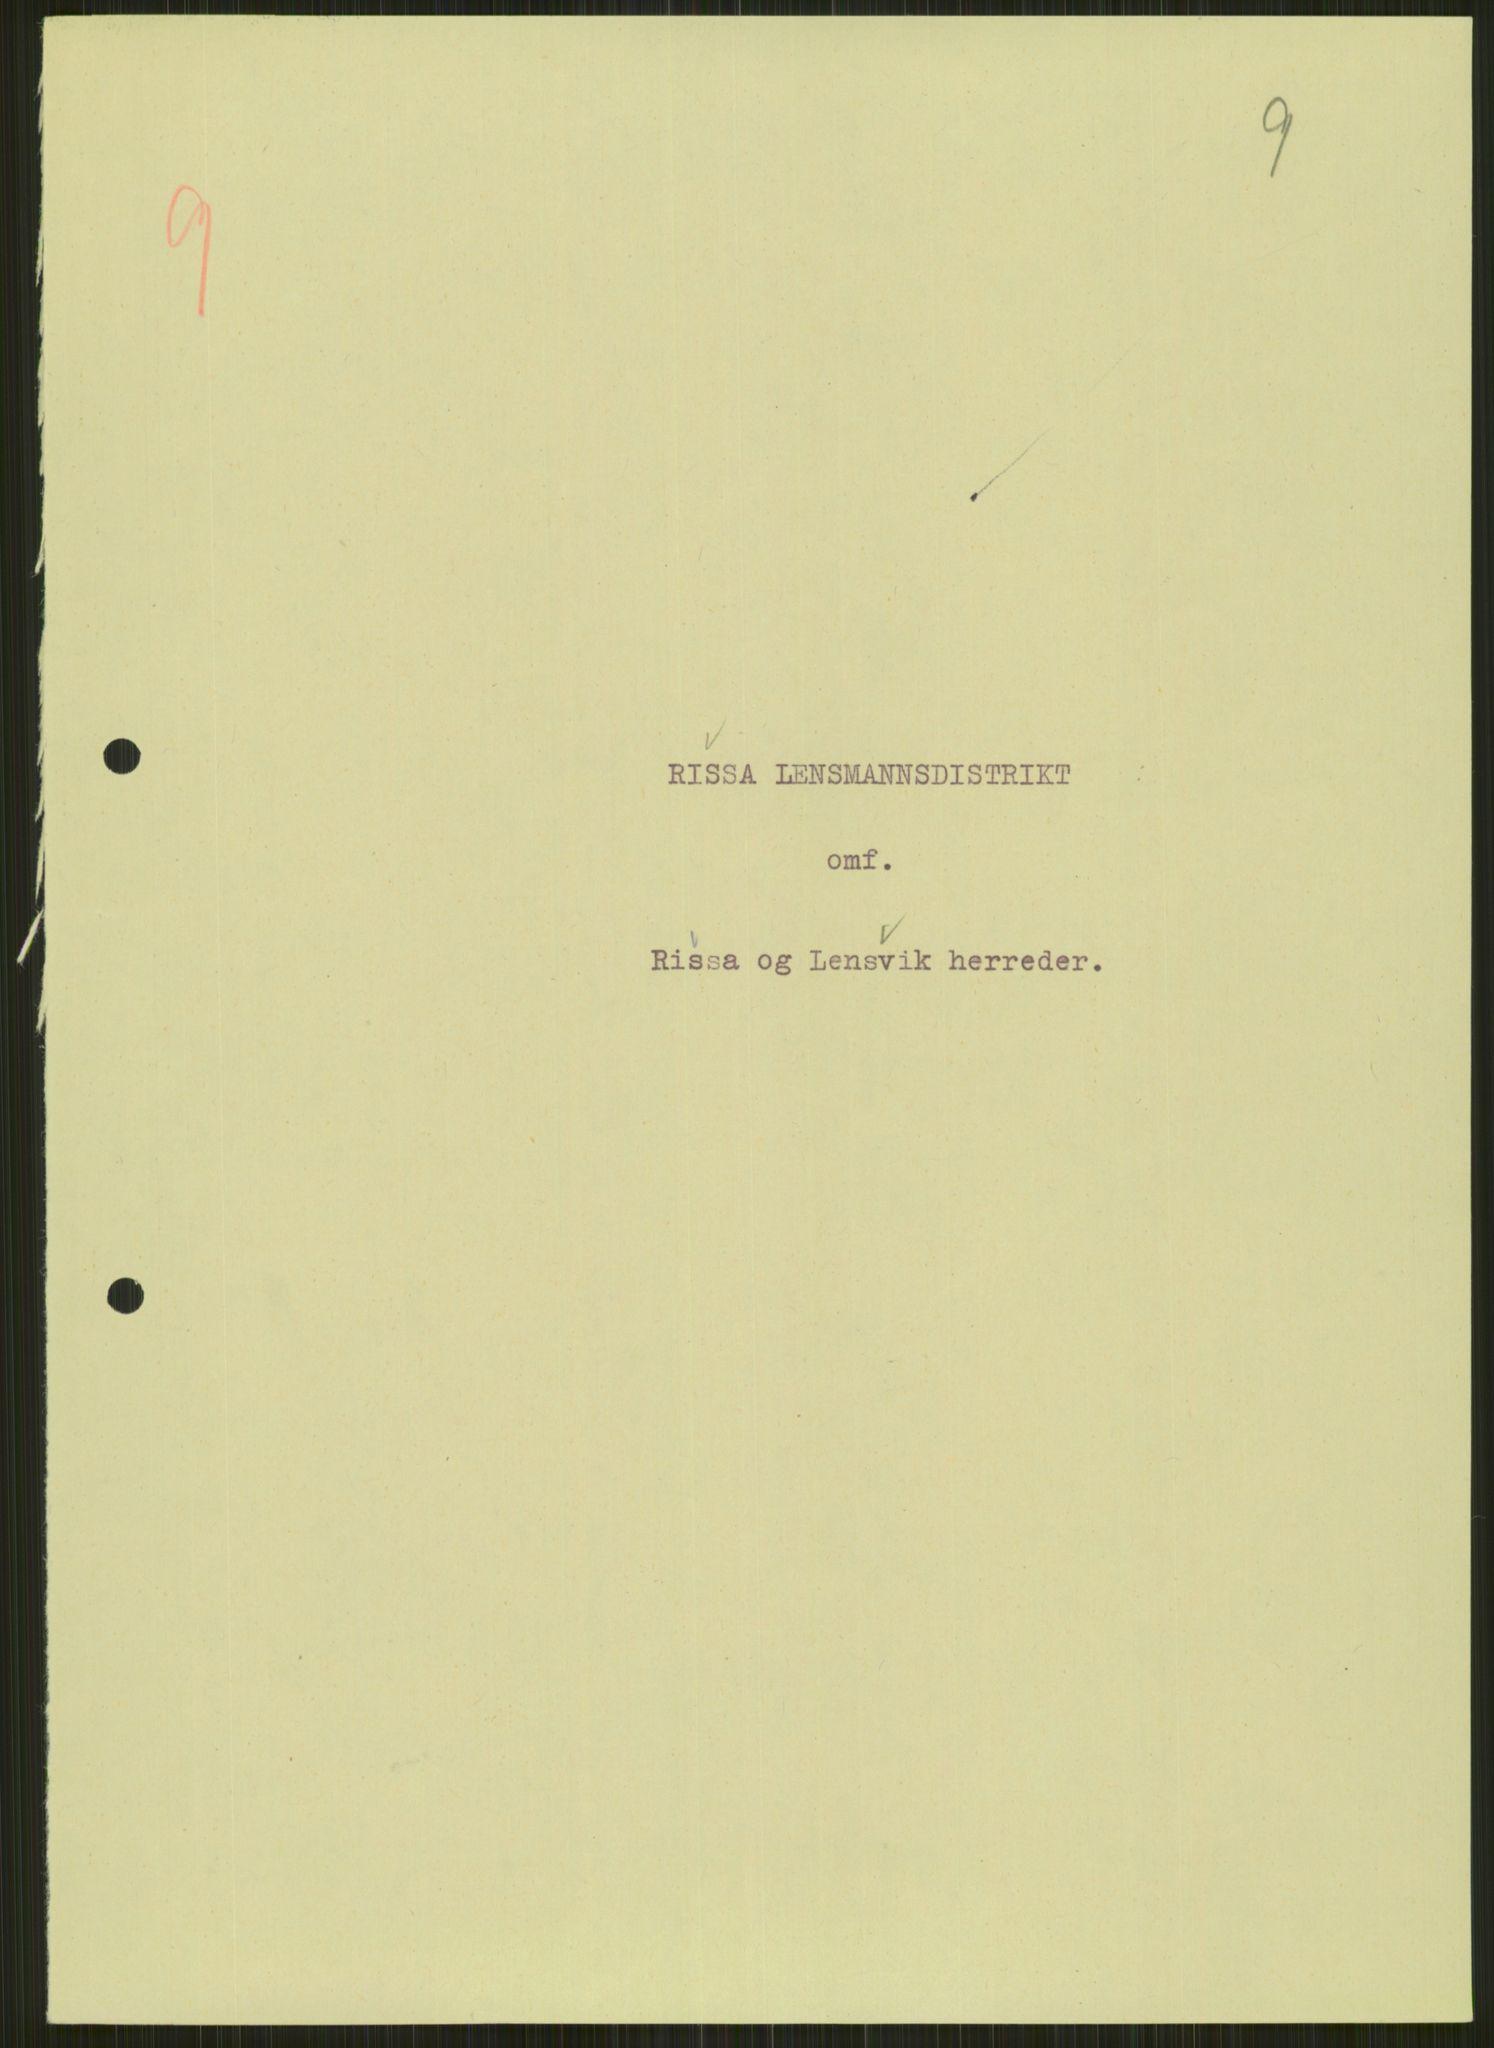 RA, Forsvaret, Forsvarets krigshistoriske avdeling, Y/Ya/L0016: II-C-11-31 - Fylkesmenn.  Rapporter om krigsbegivenhetene 1940., 1940, s. 68